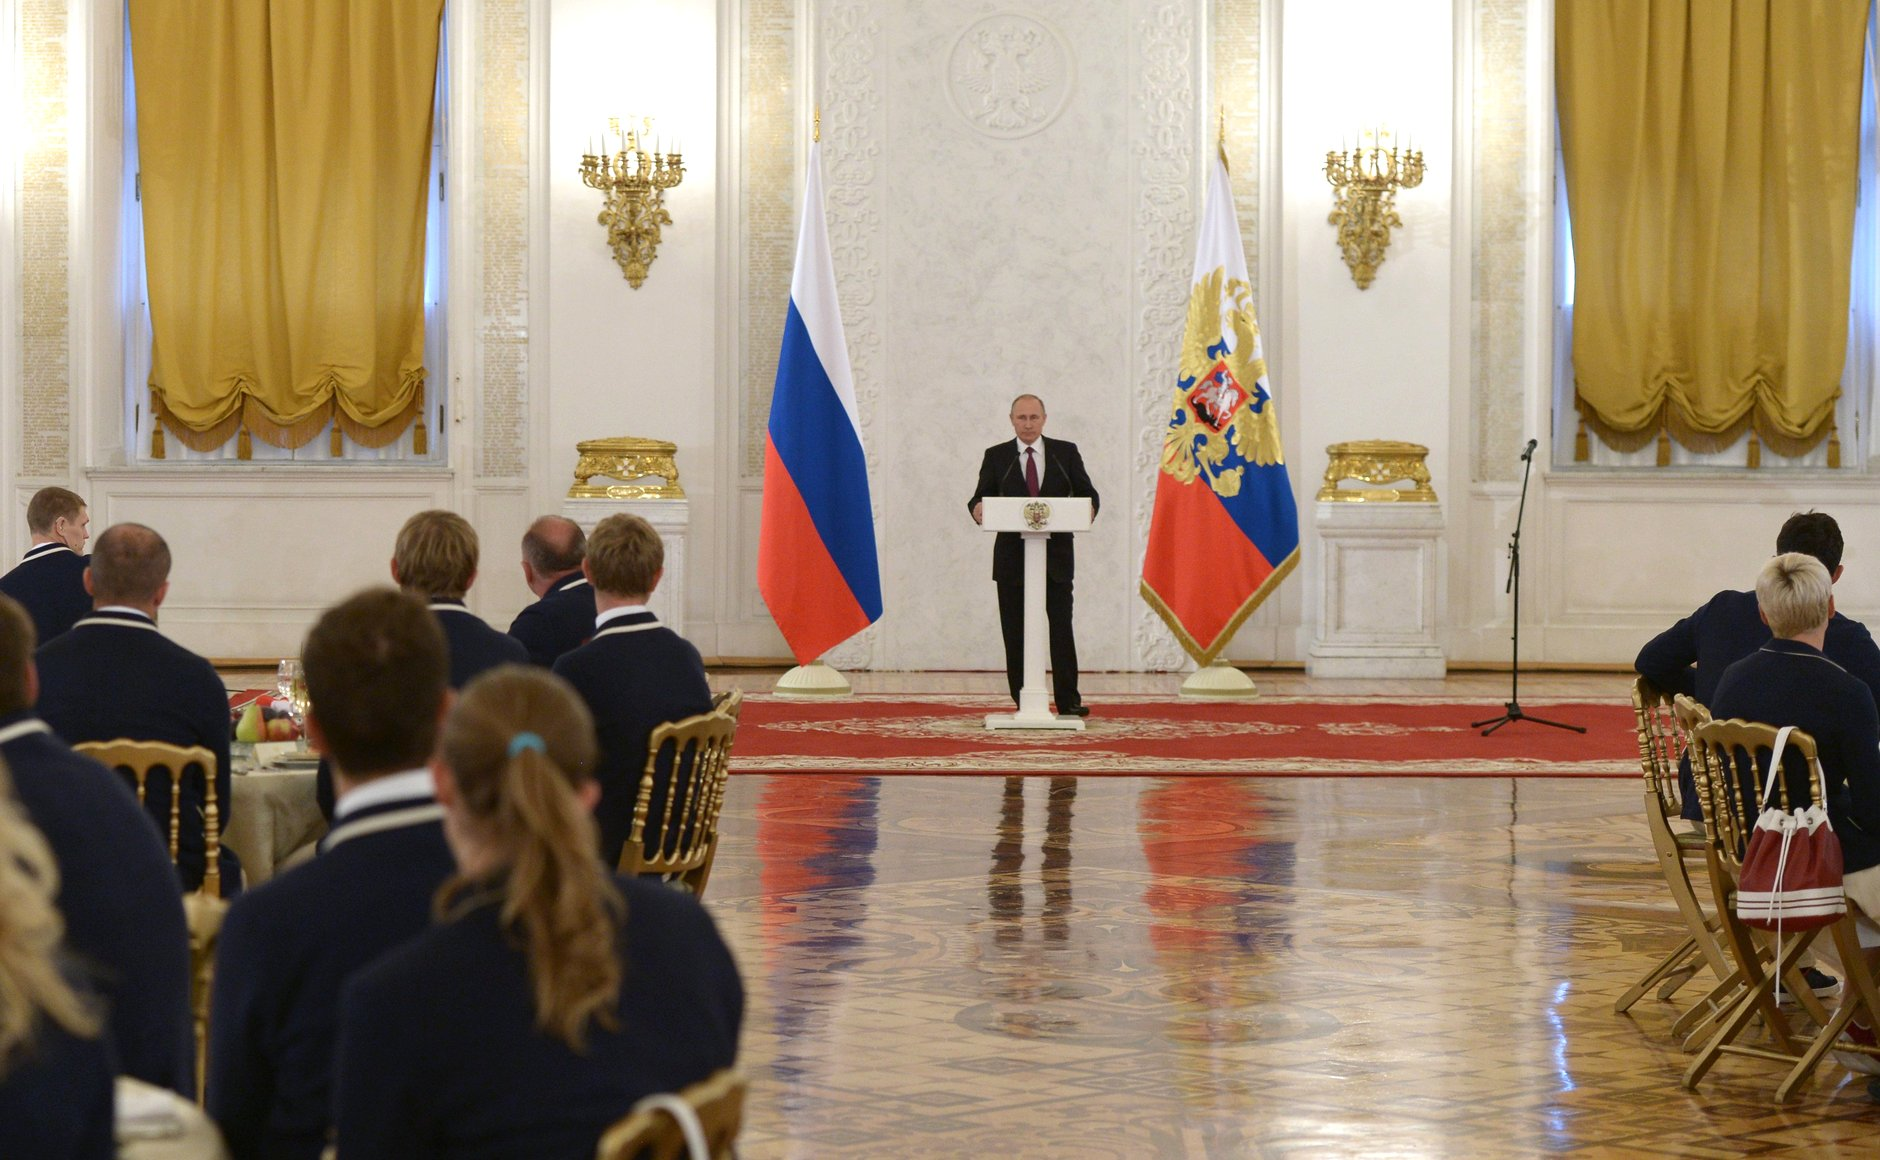 Президент РФ В.В. Путин в Кремле встретился с паралимпийской сборной командой России по летним видам спорта и вручил государственные награды РФ